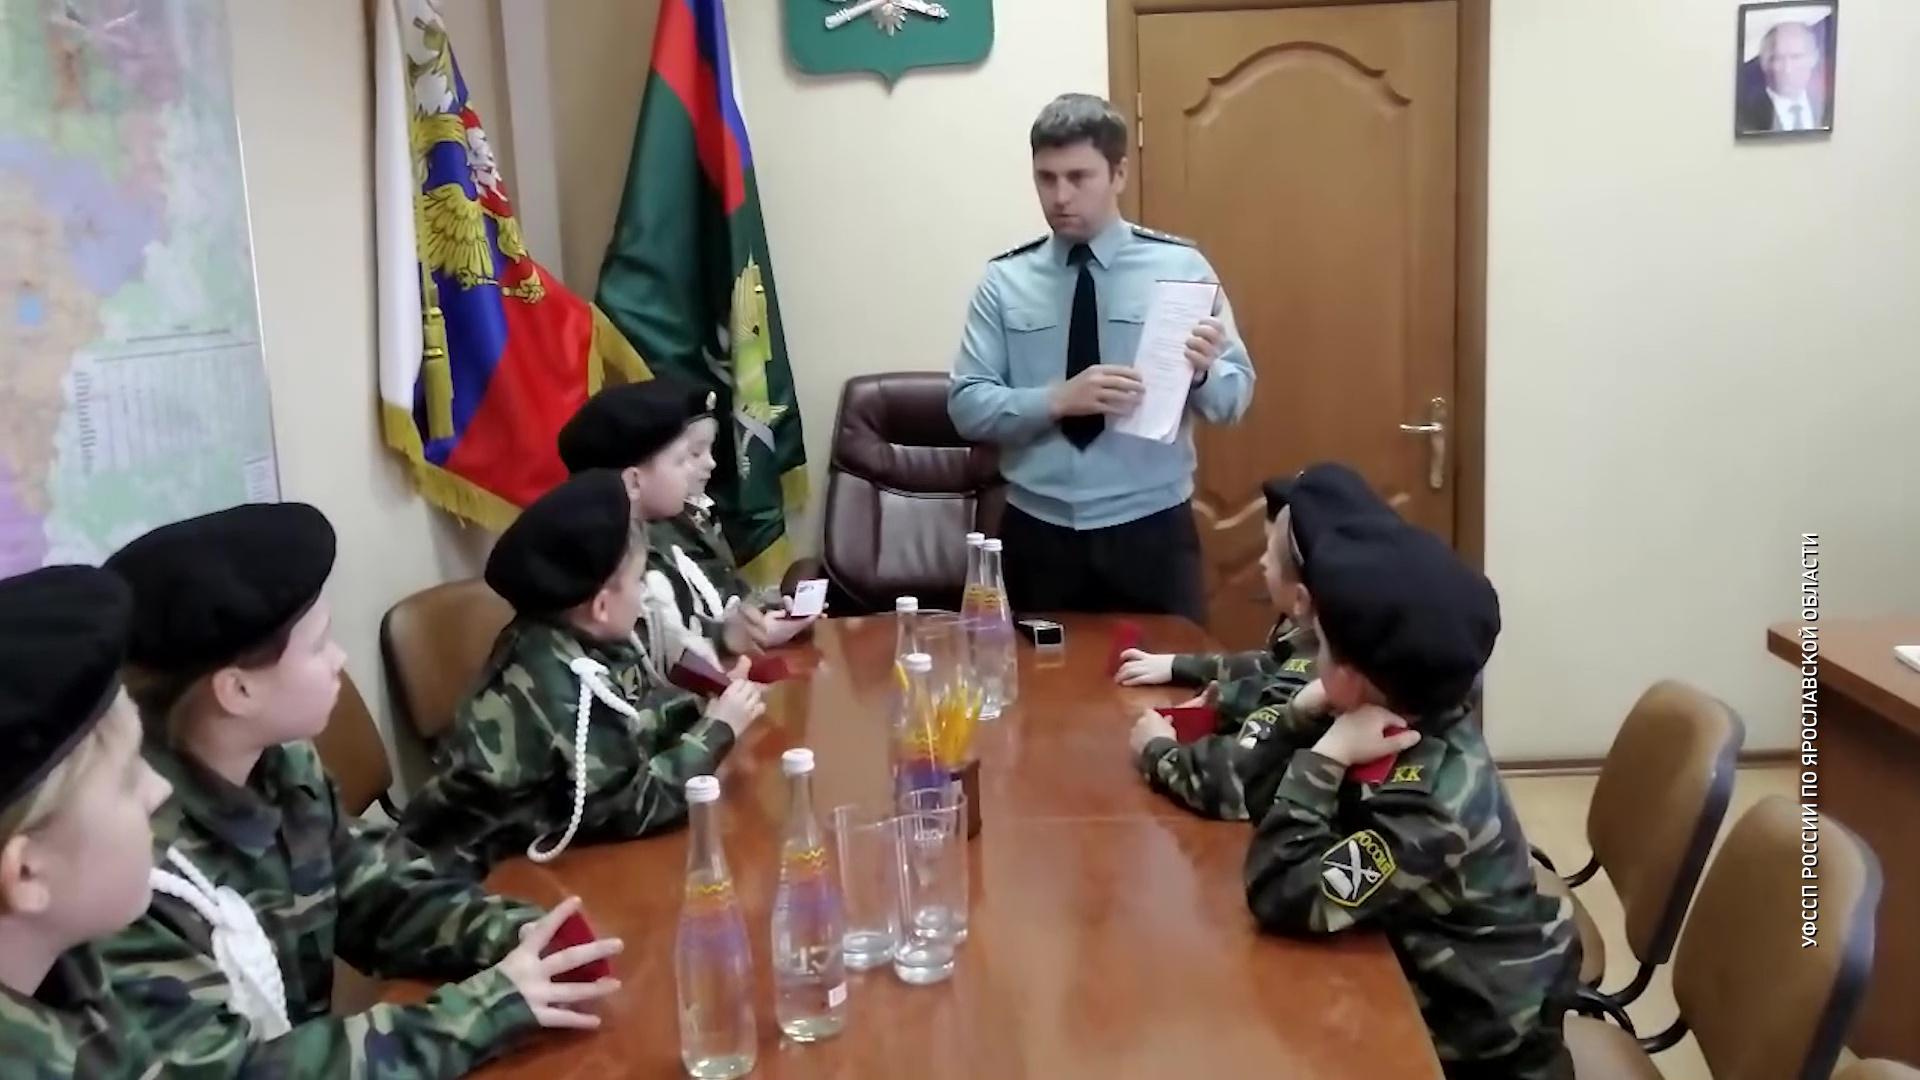 Юные приставы приняли присягу накануне Дня защитника Отечества